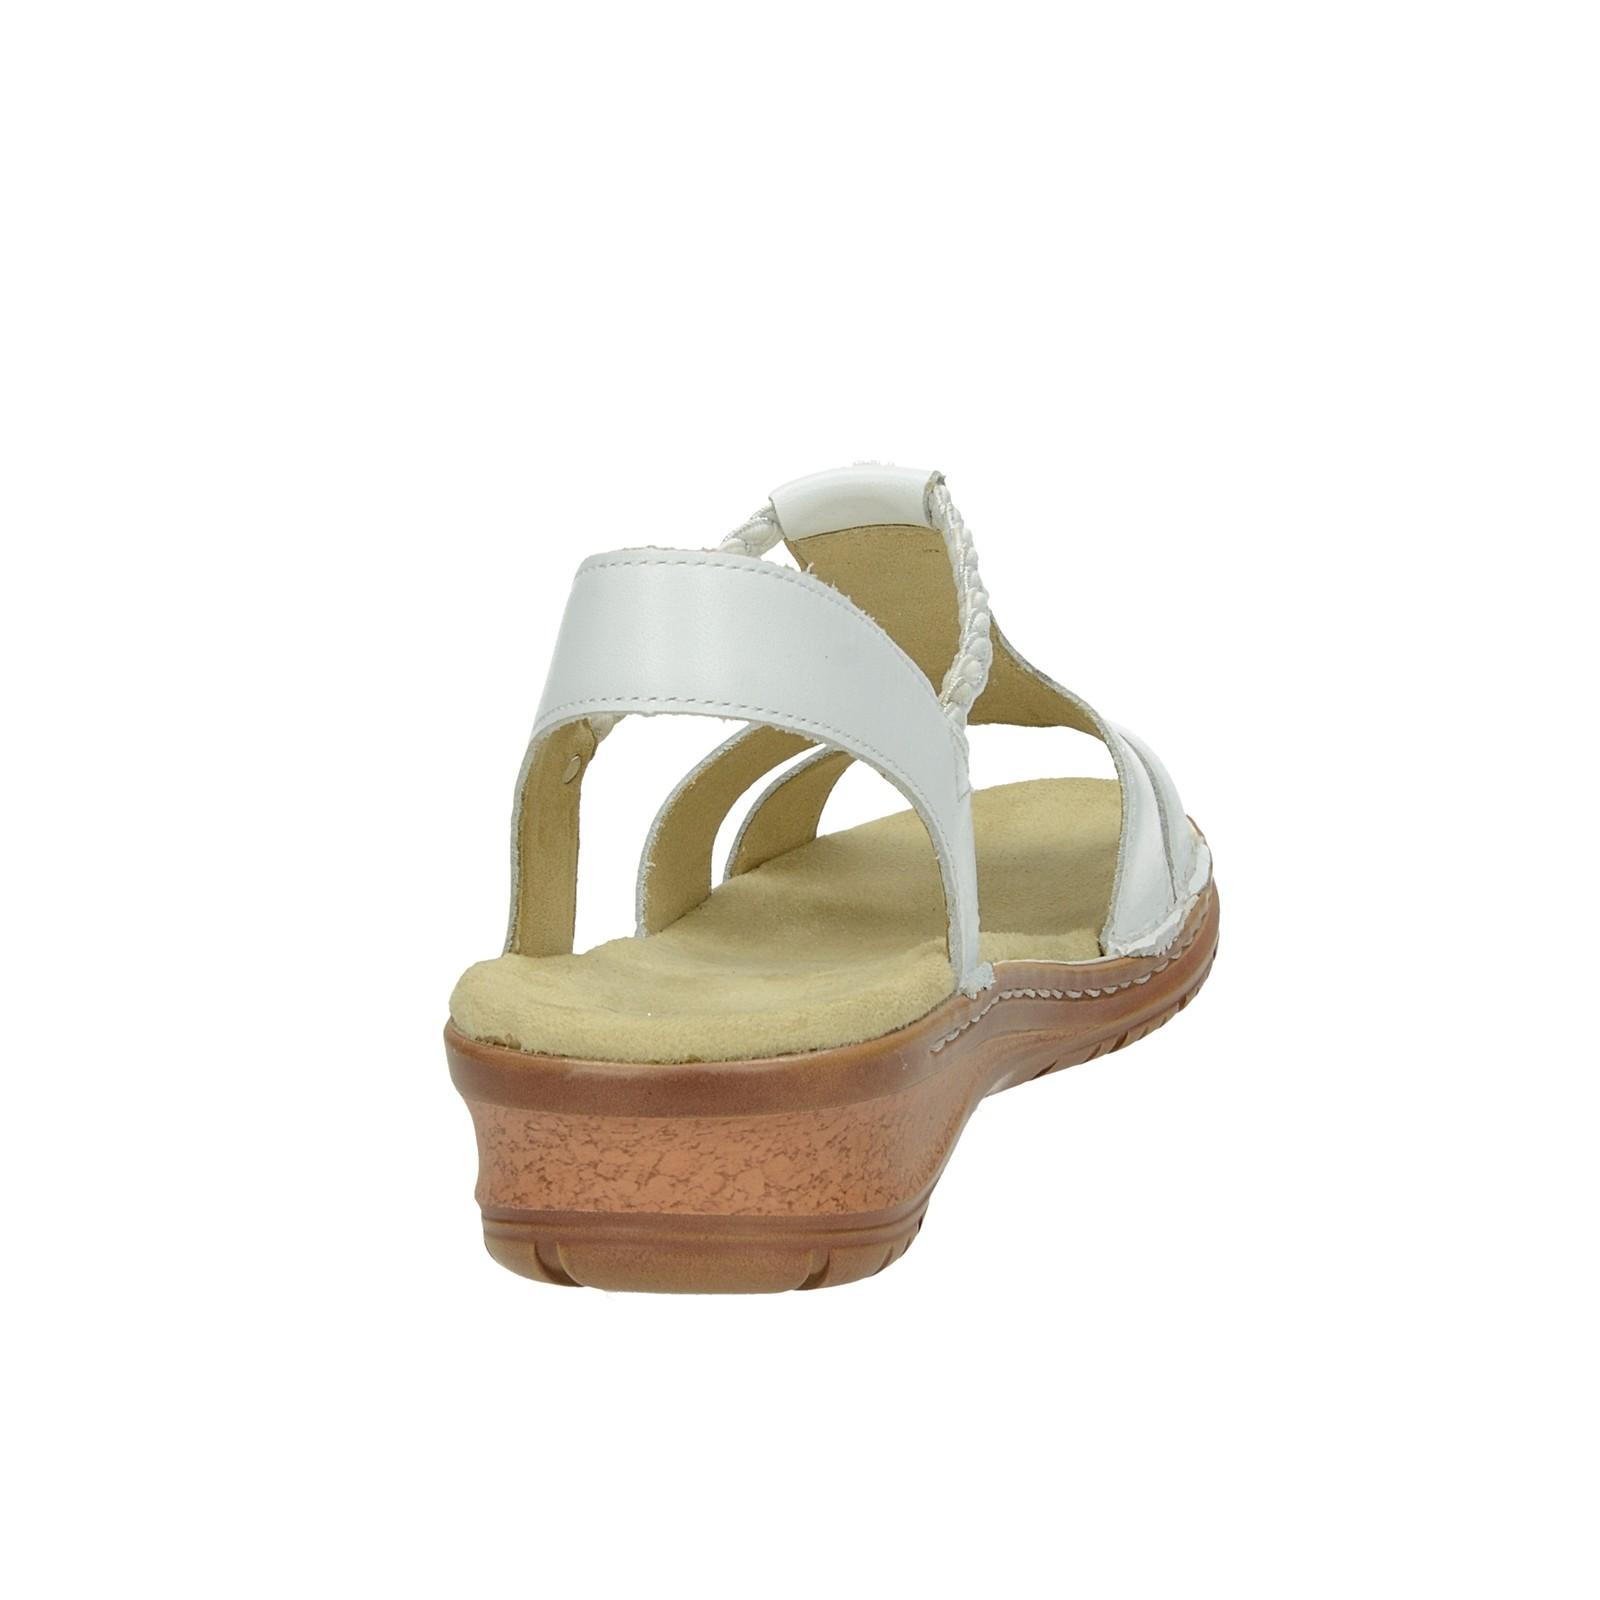 c19c2f5a0e1d ... Ara dámske kožené sandále s ozdobnými kamienkami - biele ...